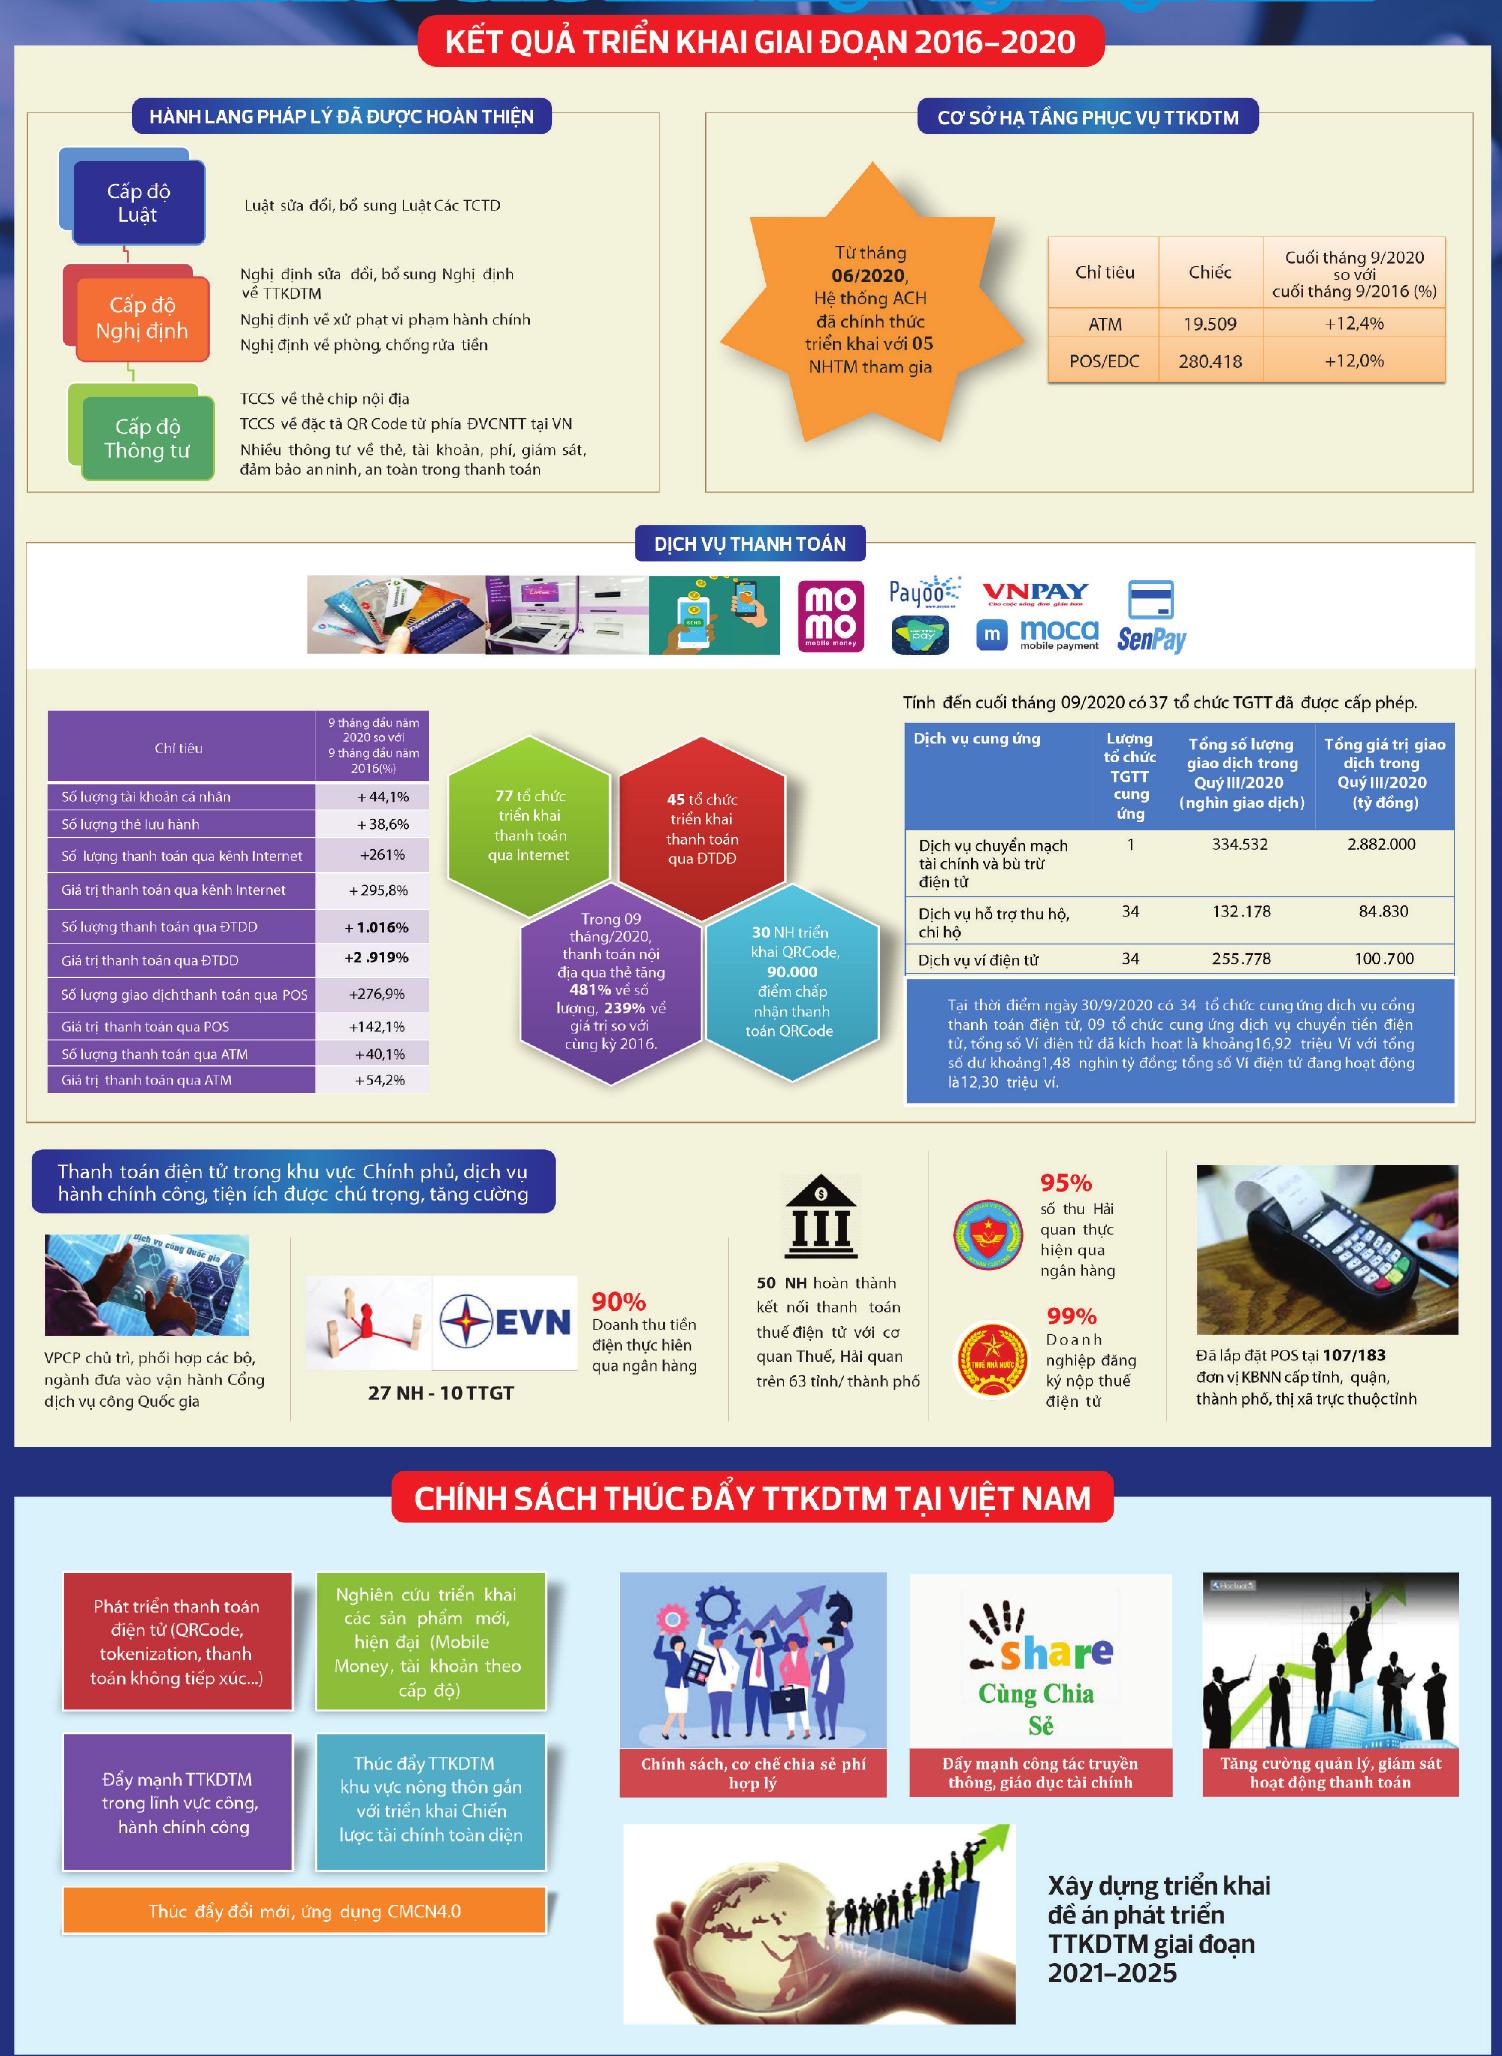 [Infographic] Chính sách thúc đẩy thanh toán không dùng tiền mặt tại Việt Nam